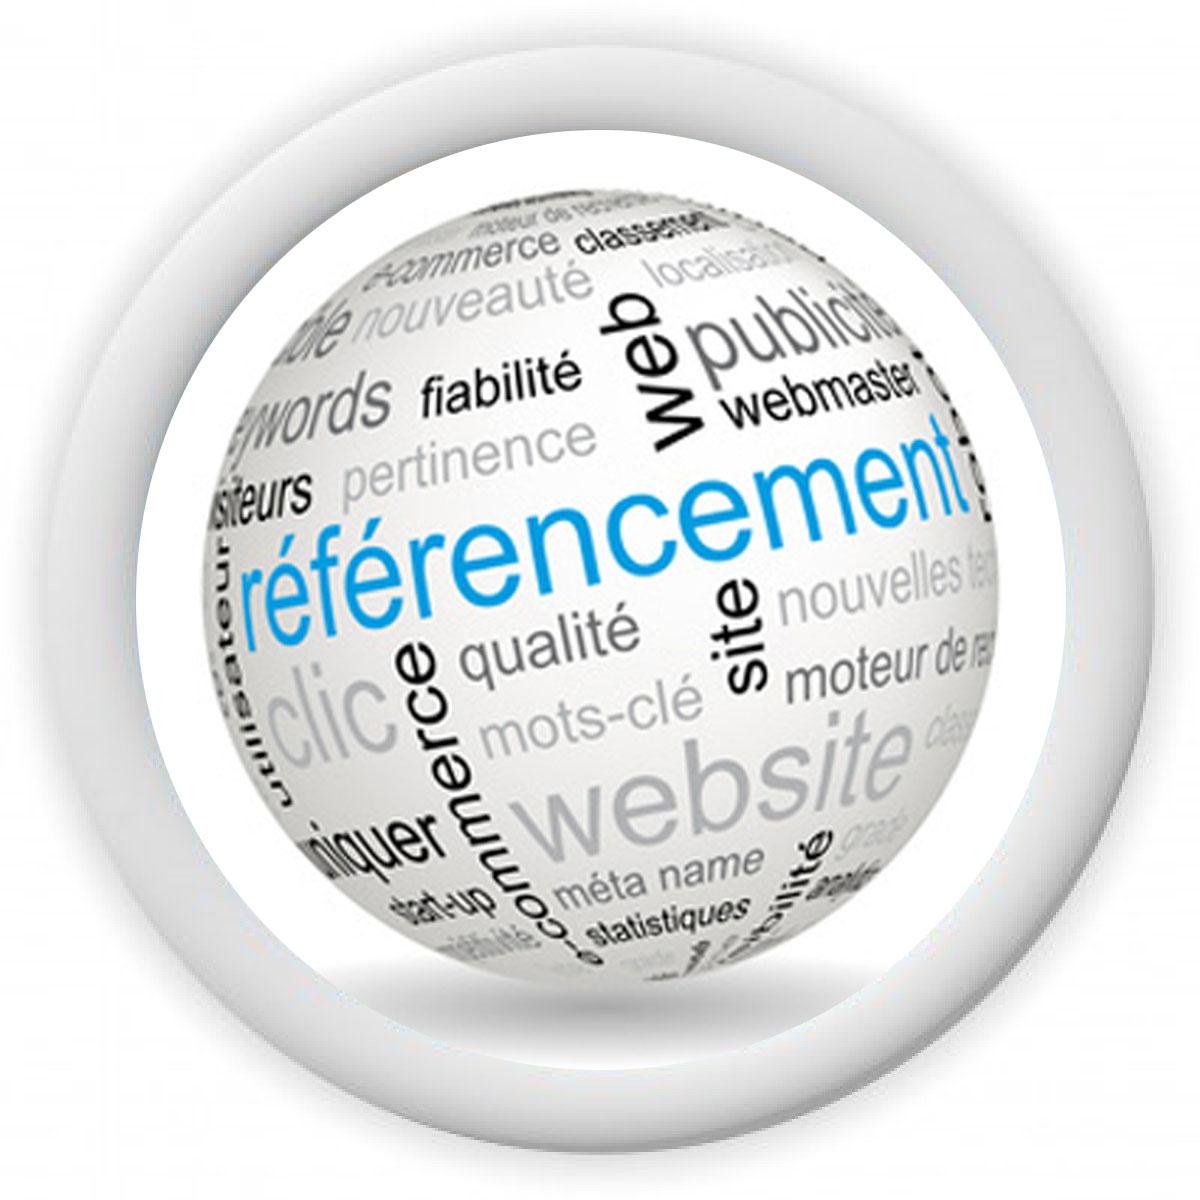 VOUS AVEZ BESOINS D'UN SITE WEB ?  -  (cliquez-ici)